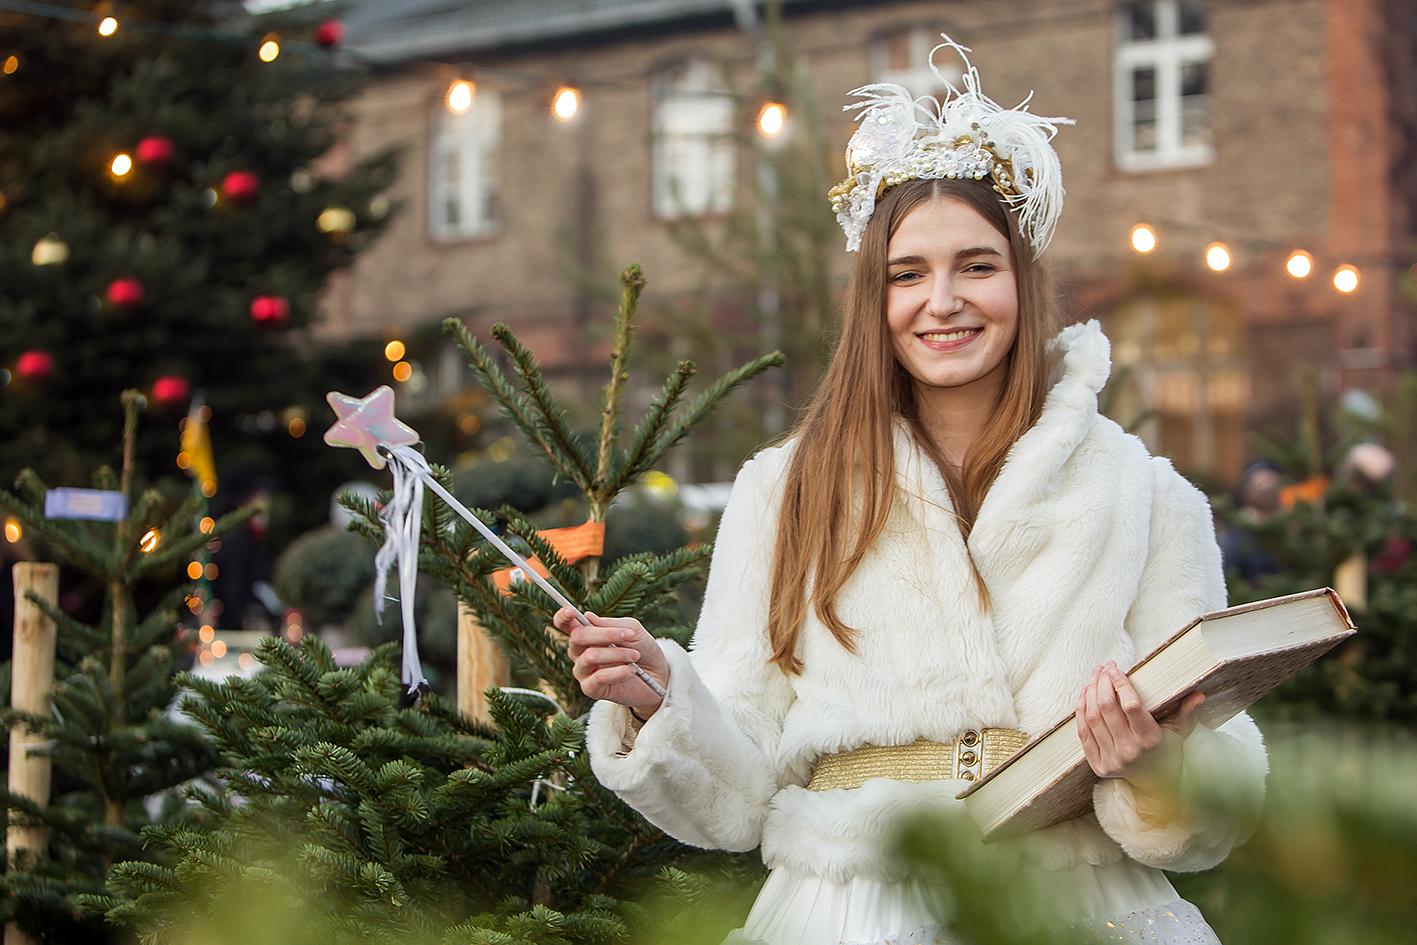 Weihnachtsengel mit Kopfschmuck und Zauberstab vor Weihnachtsbäumen